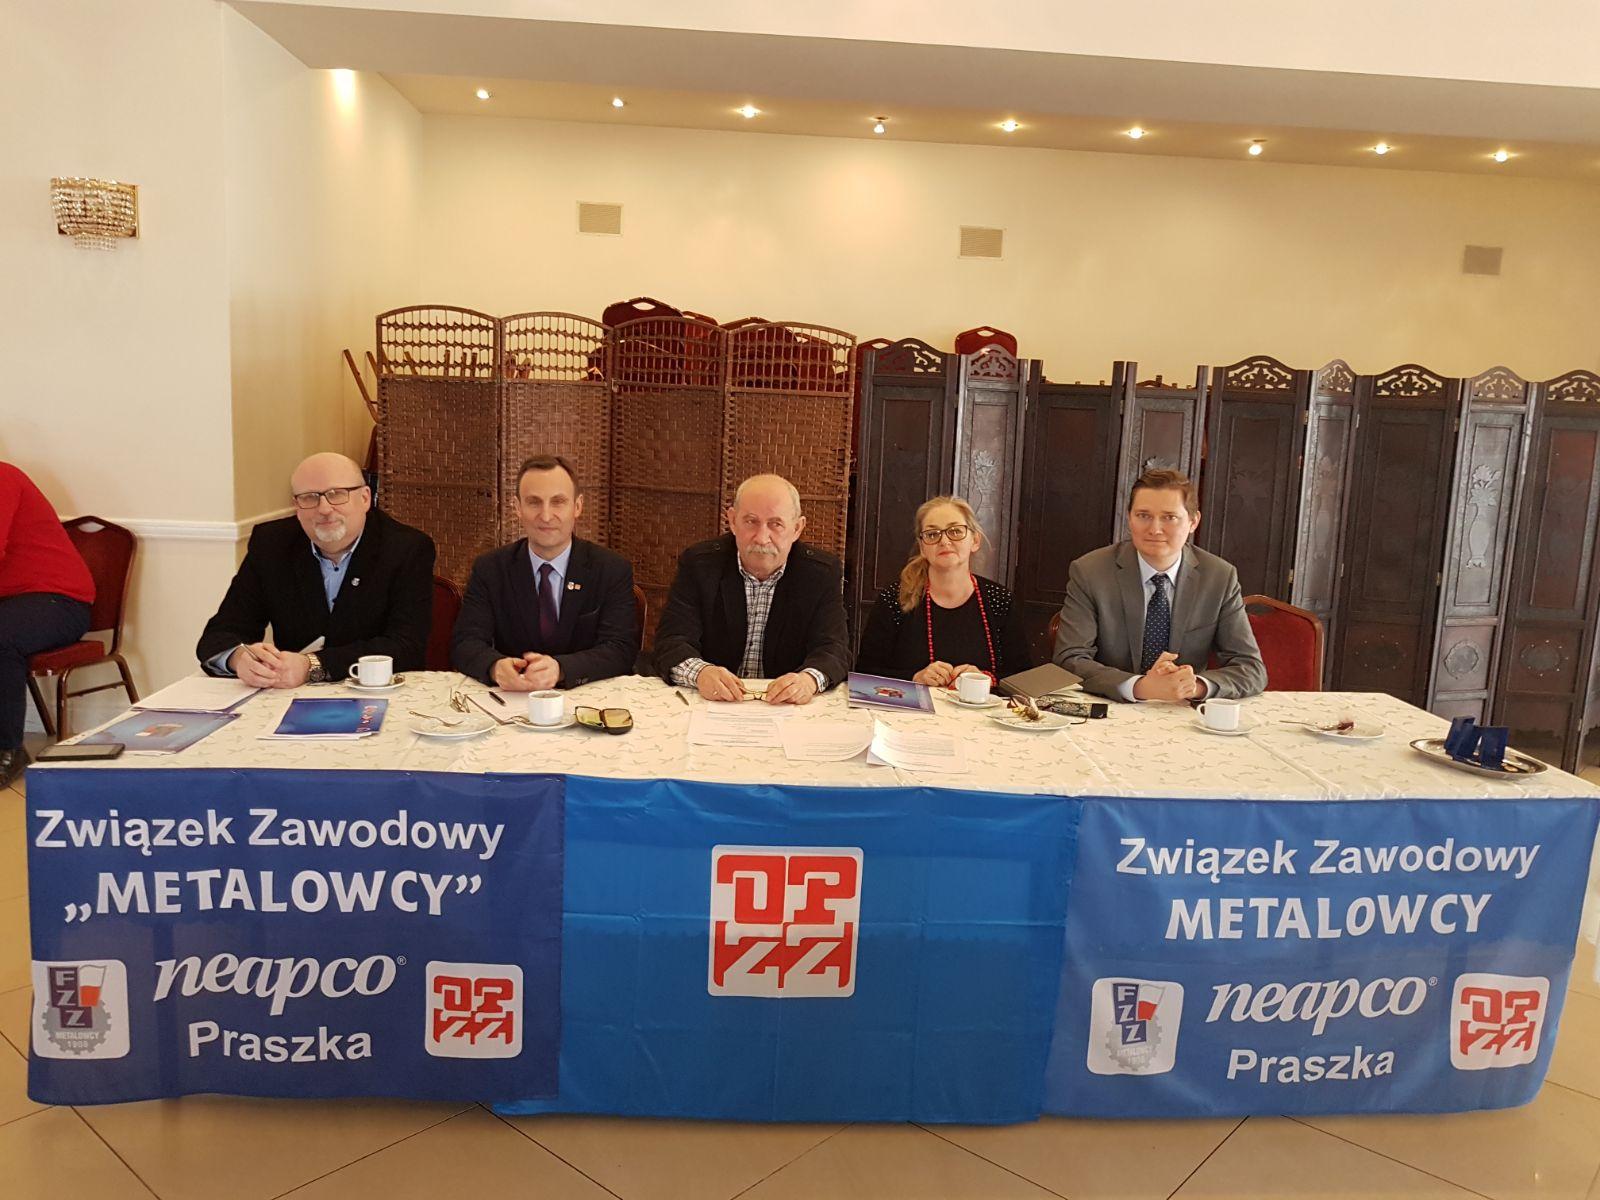 Metalowcy Neapco Praszka wybrali władze związkowe na lata 2018 – 2022